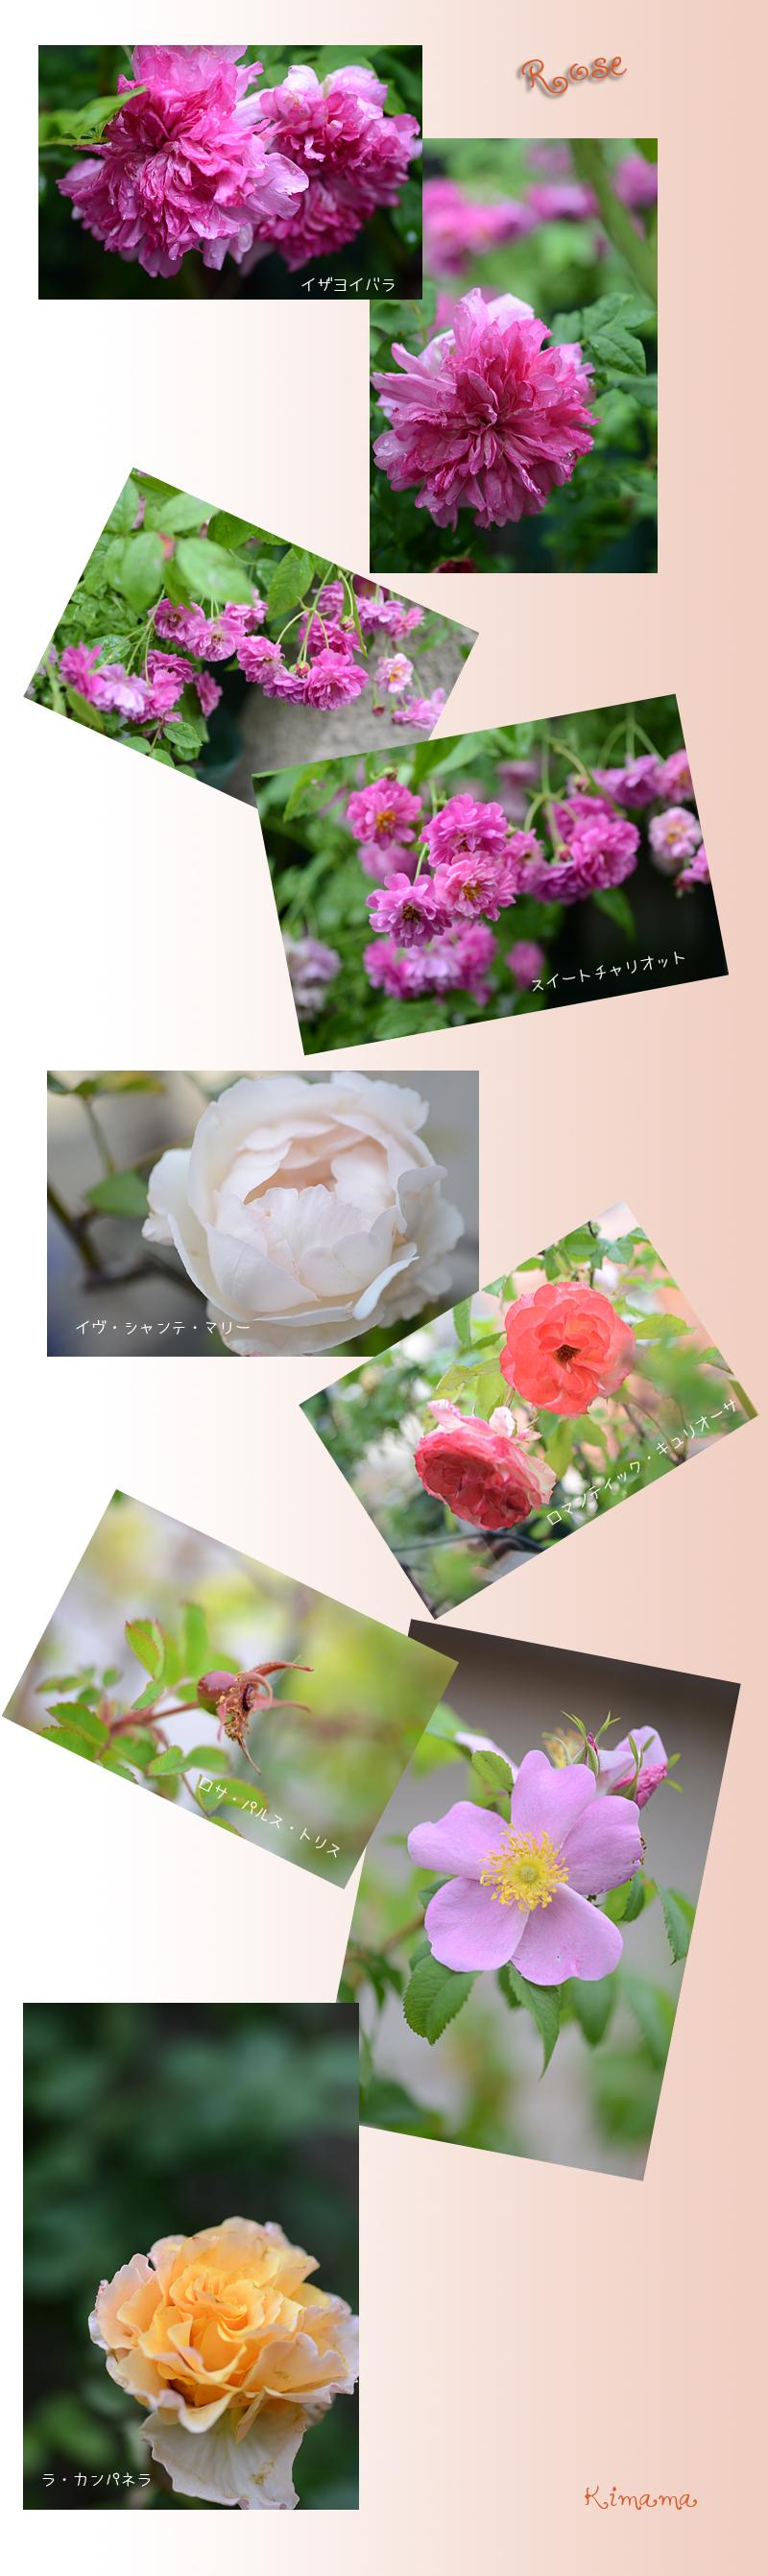 6月13日薔薇